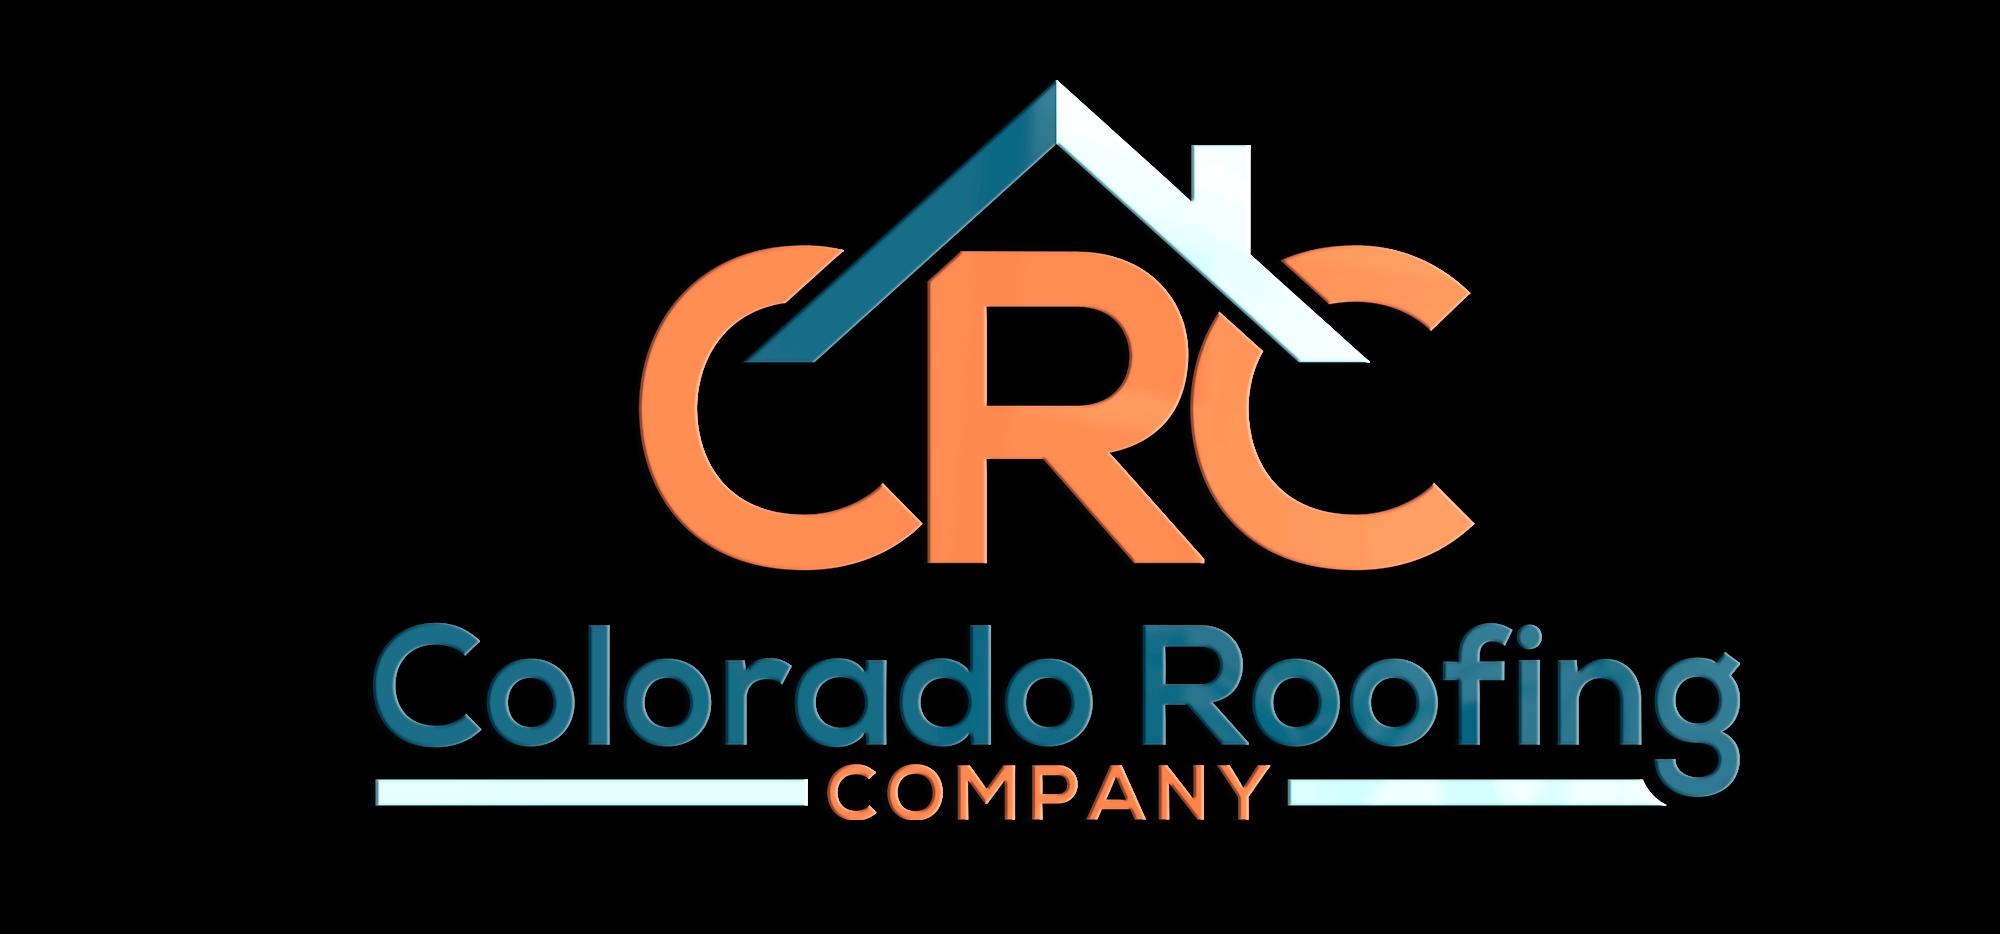 Colorado Roofing Company